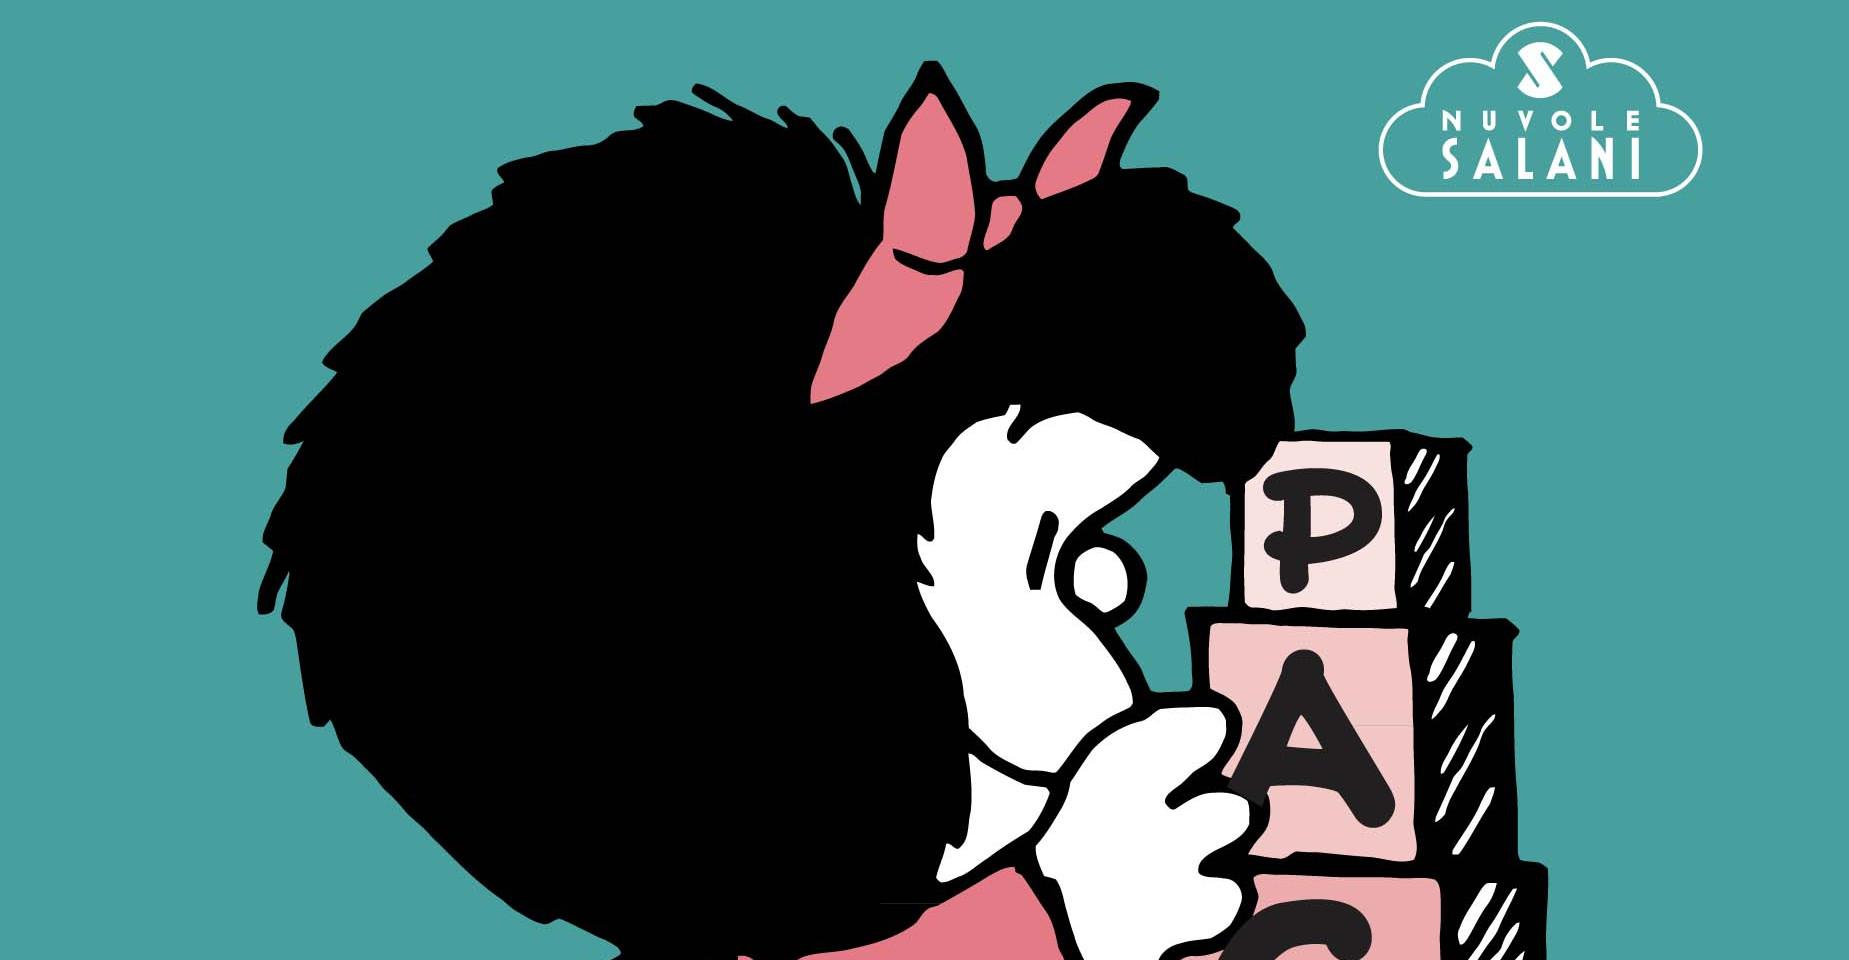 Mafalda_2_italia.jpg